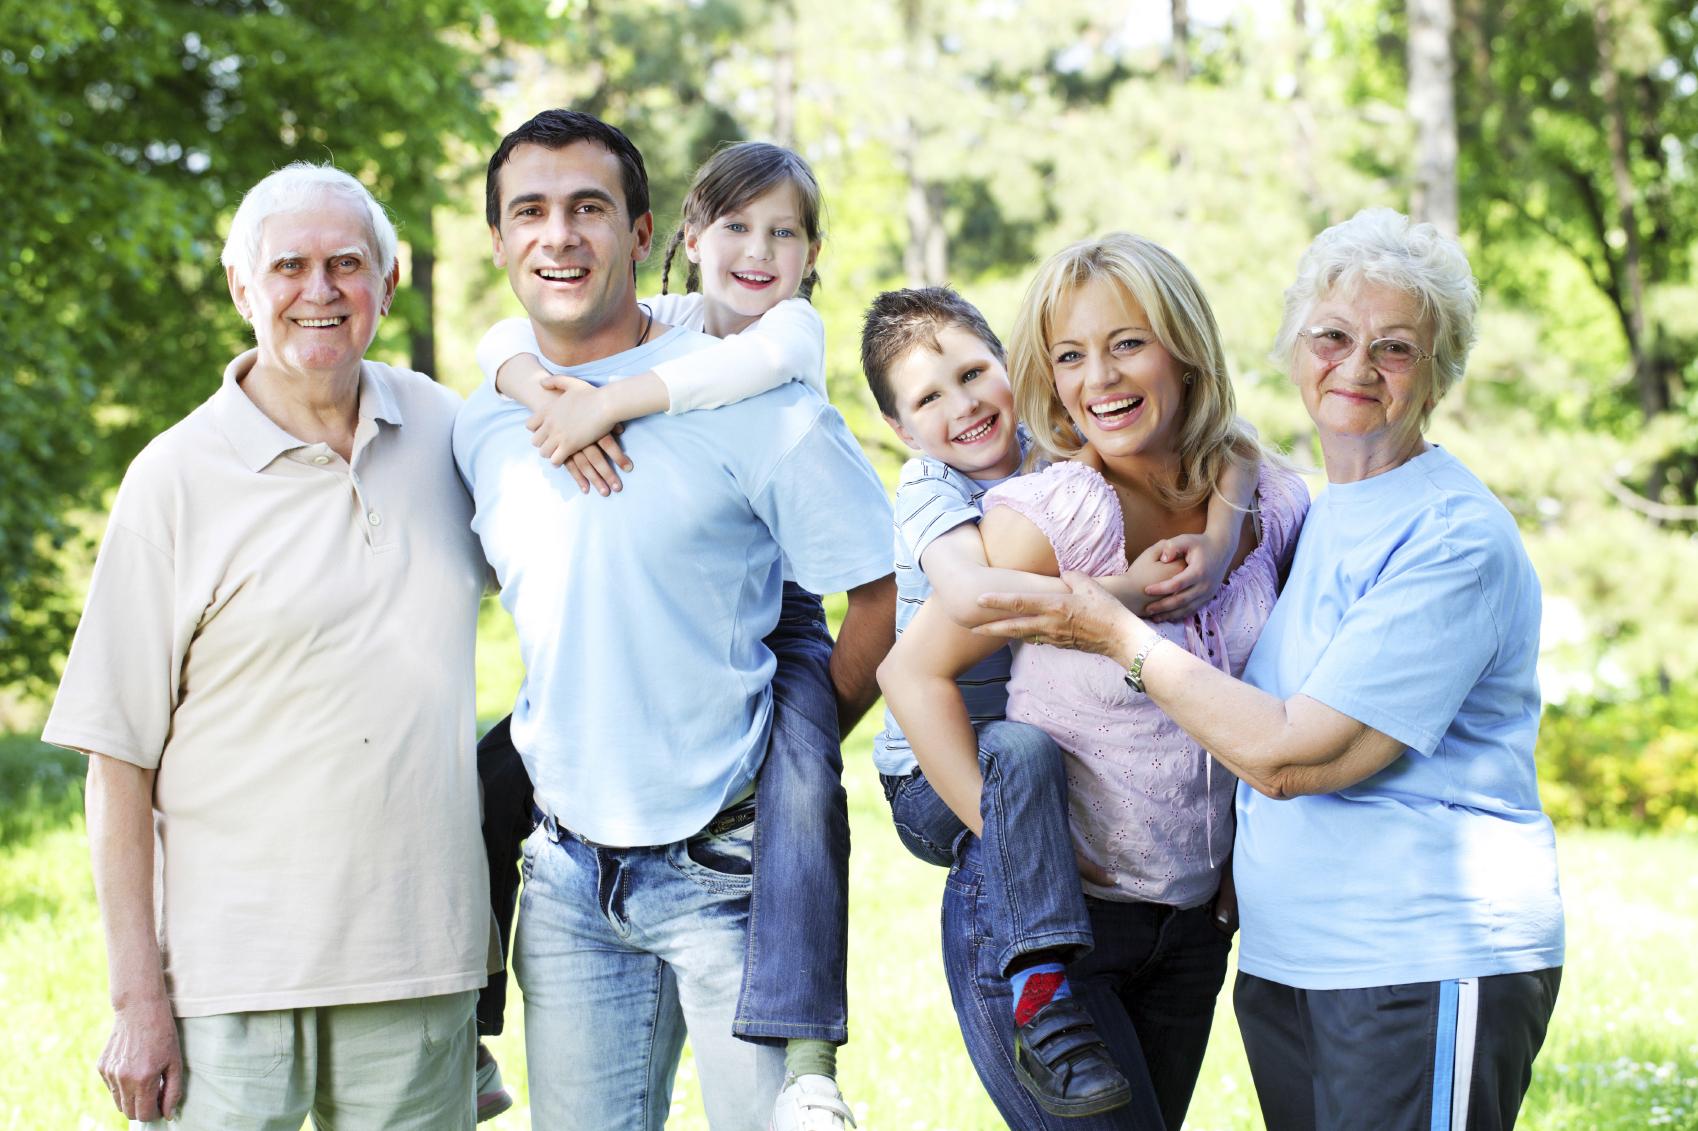 Воссоединение семьи и брак - прекрасные варианты переезда в Европу